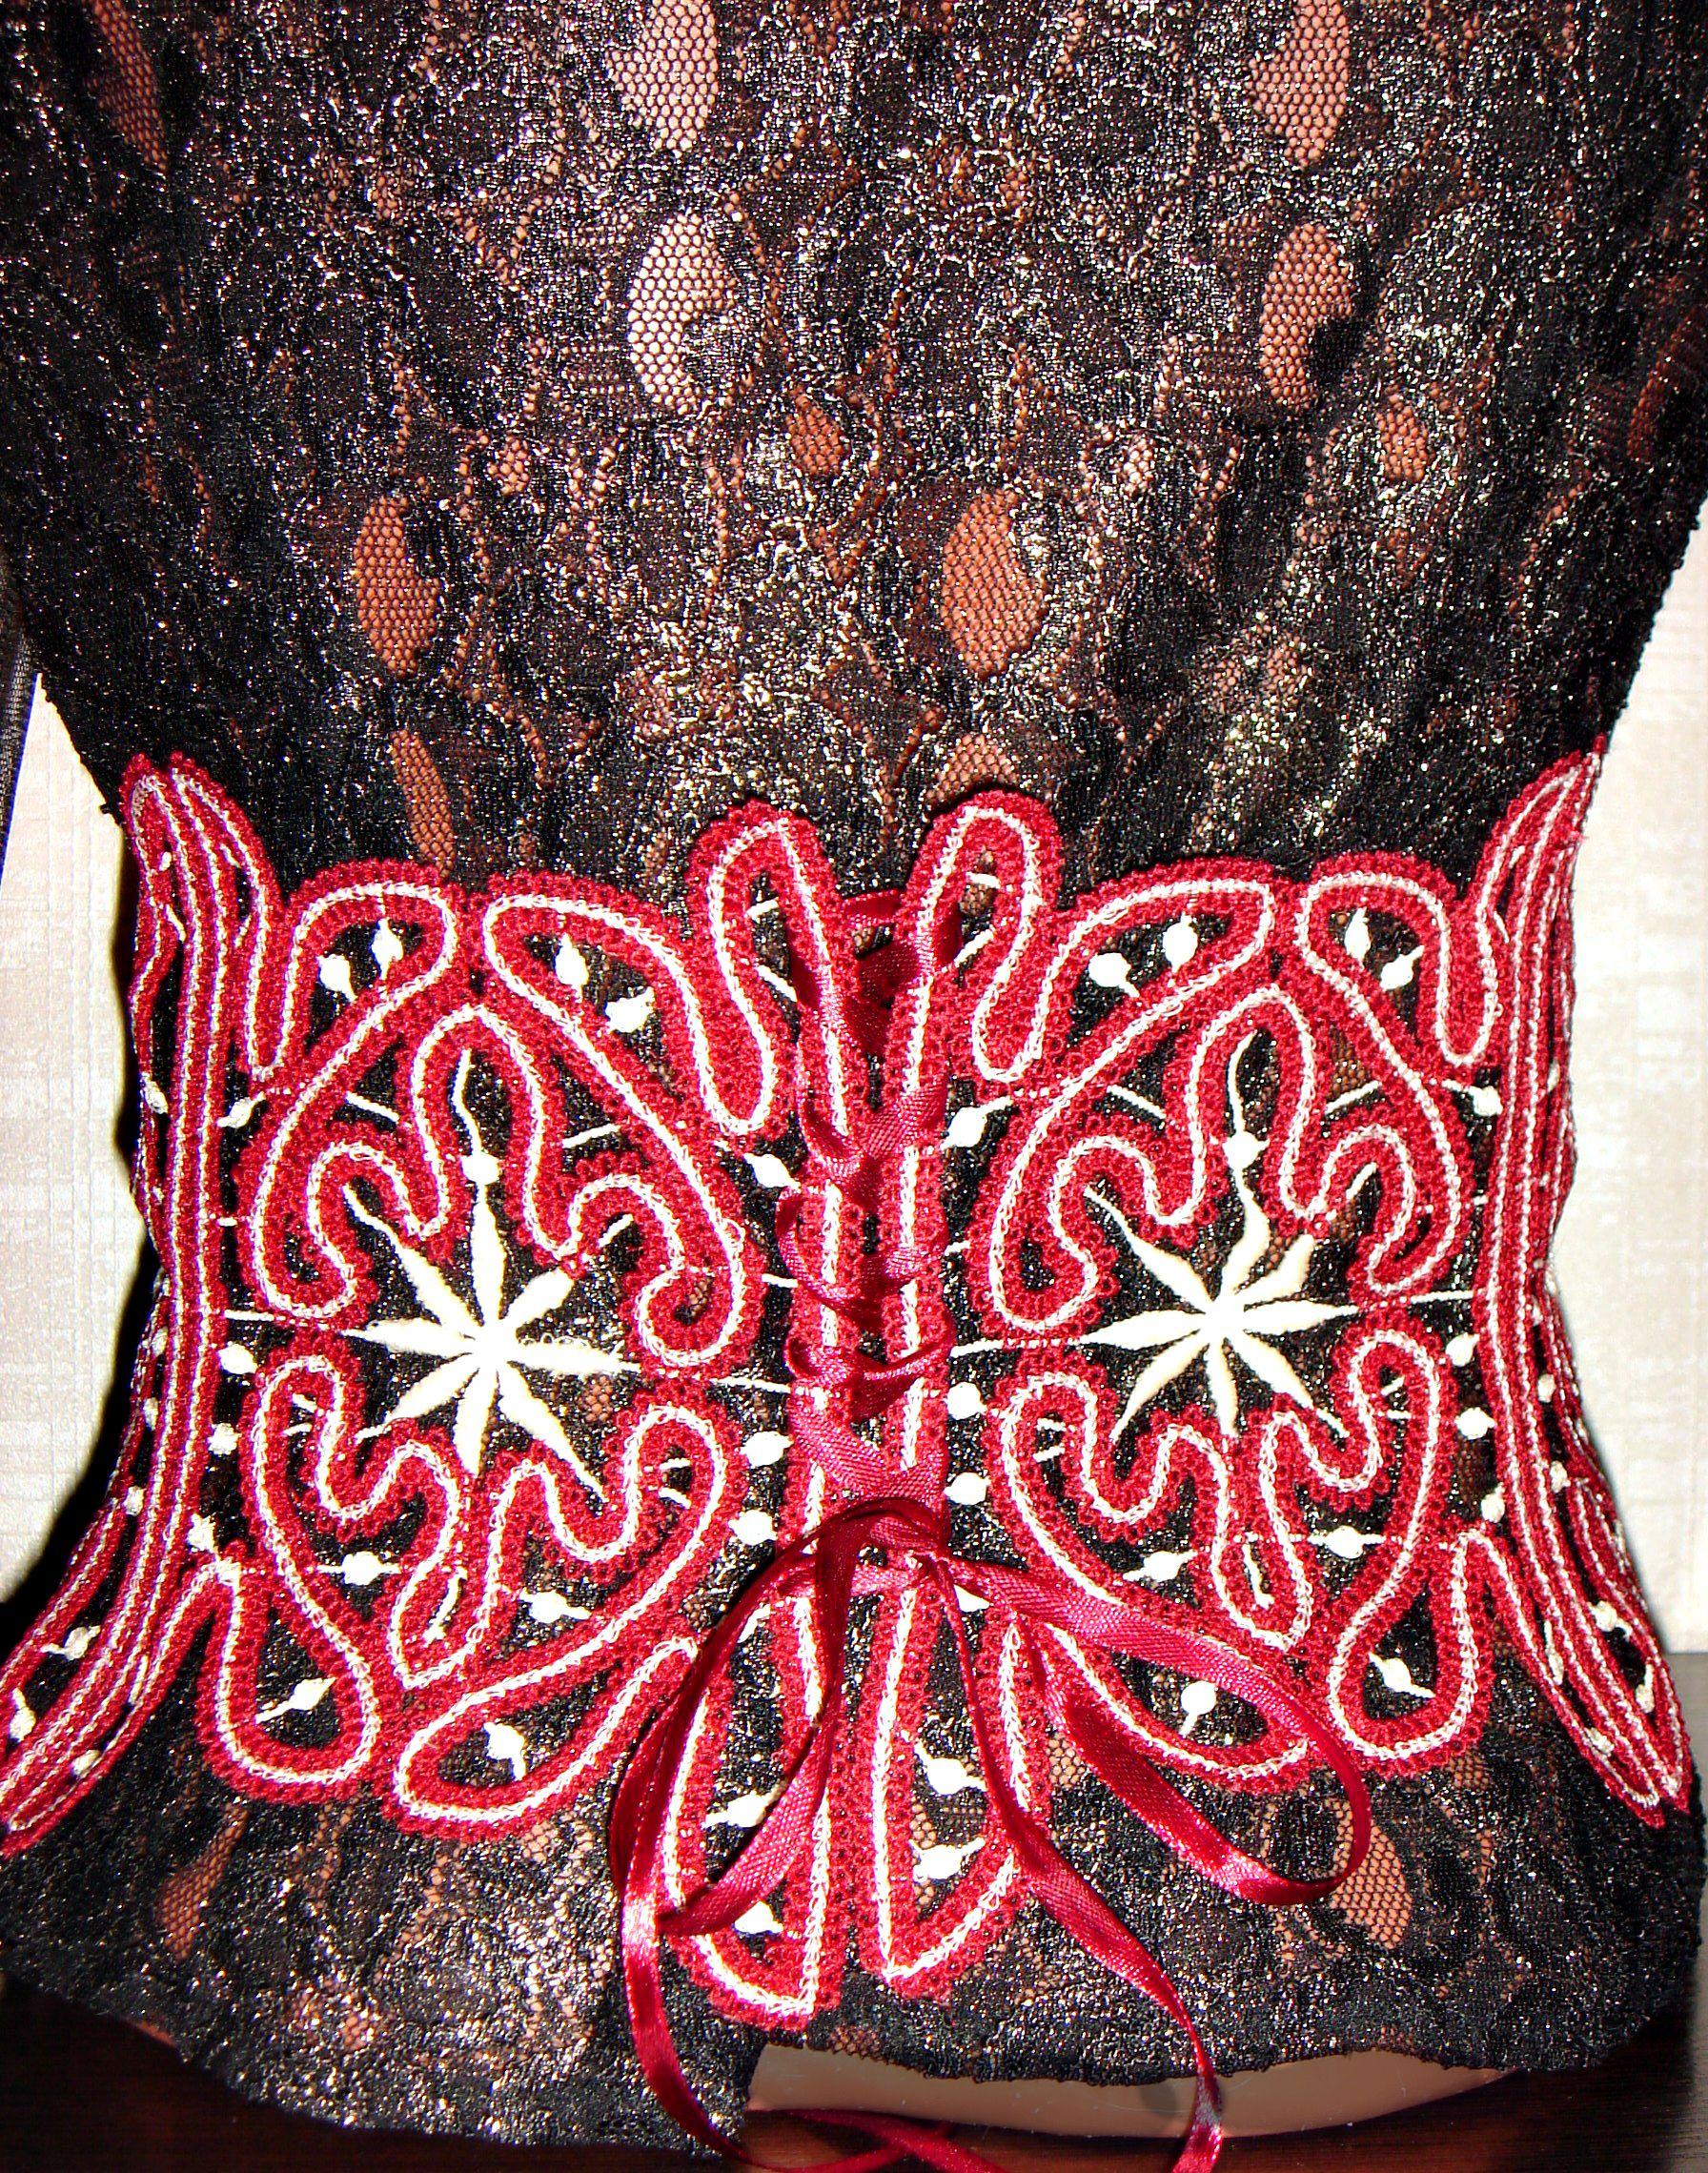 манишка корсет подарок кружевной стильный кружевная аксессуар модный